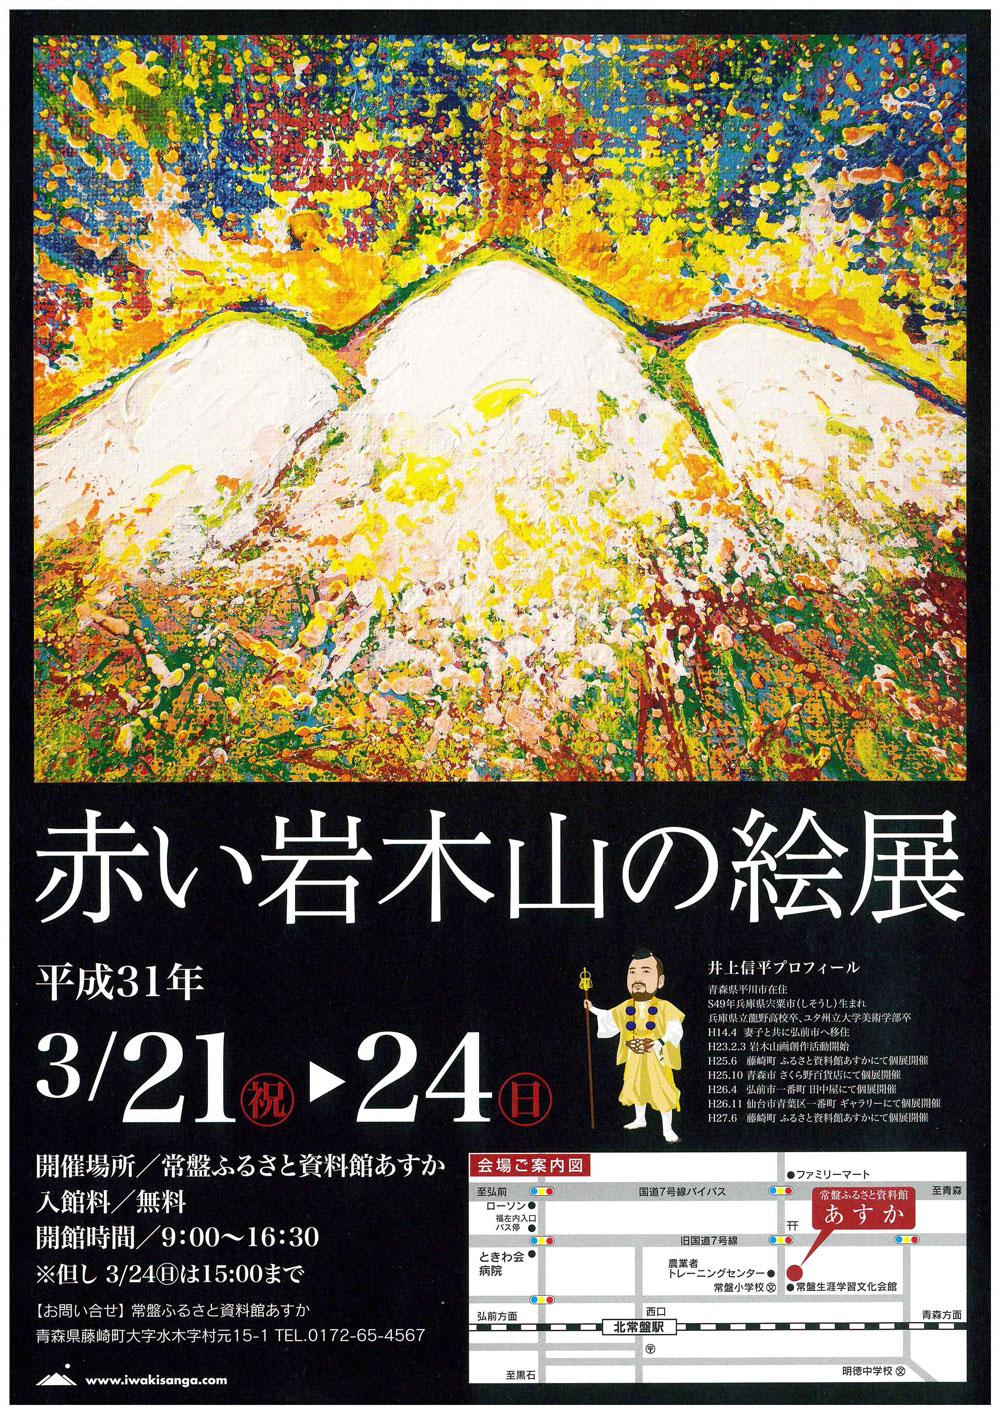 常盤ふるさと資料館あすかで「赤い岩木山の絵展」開催